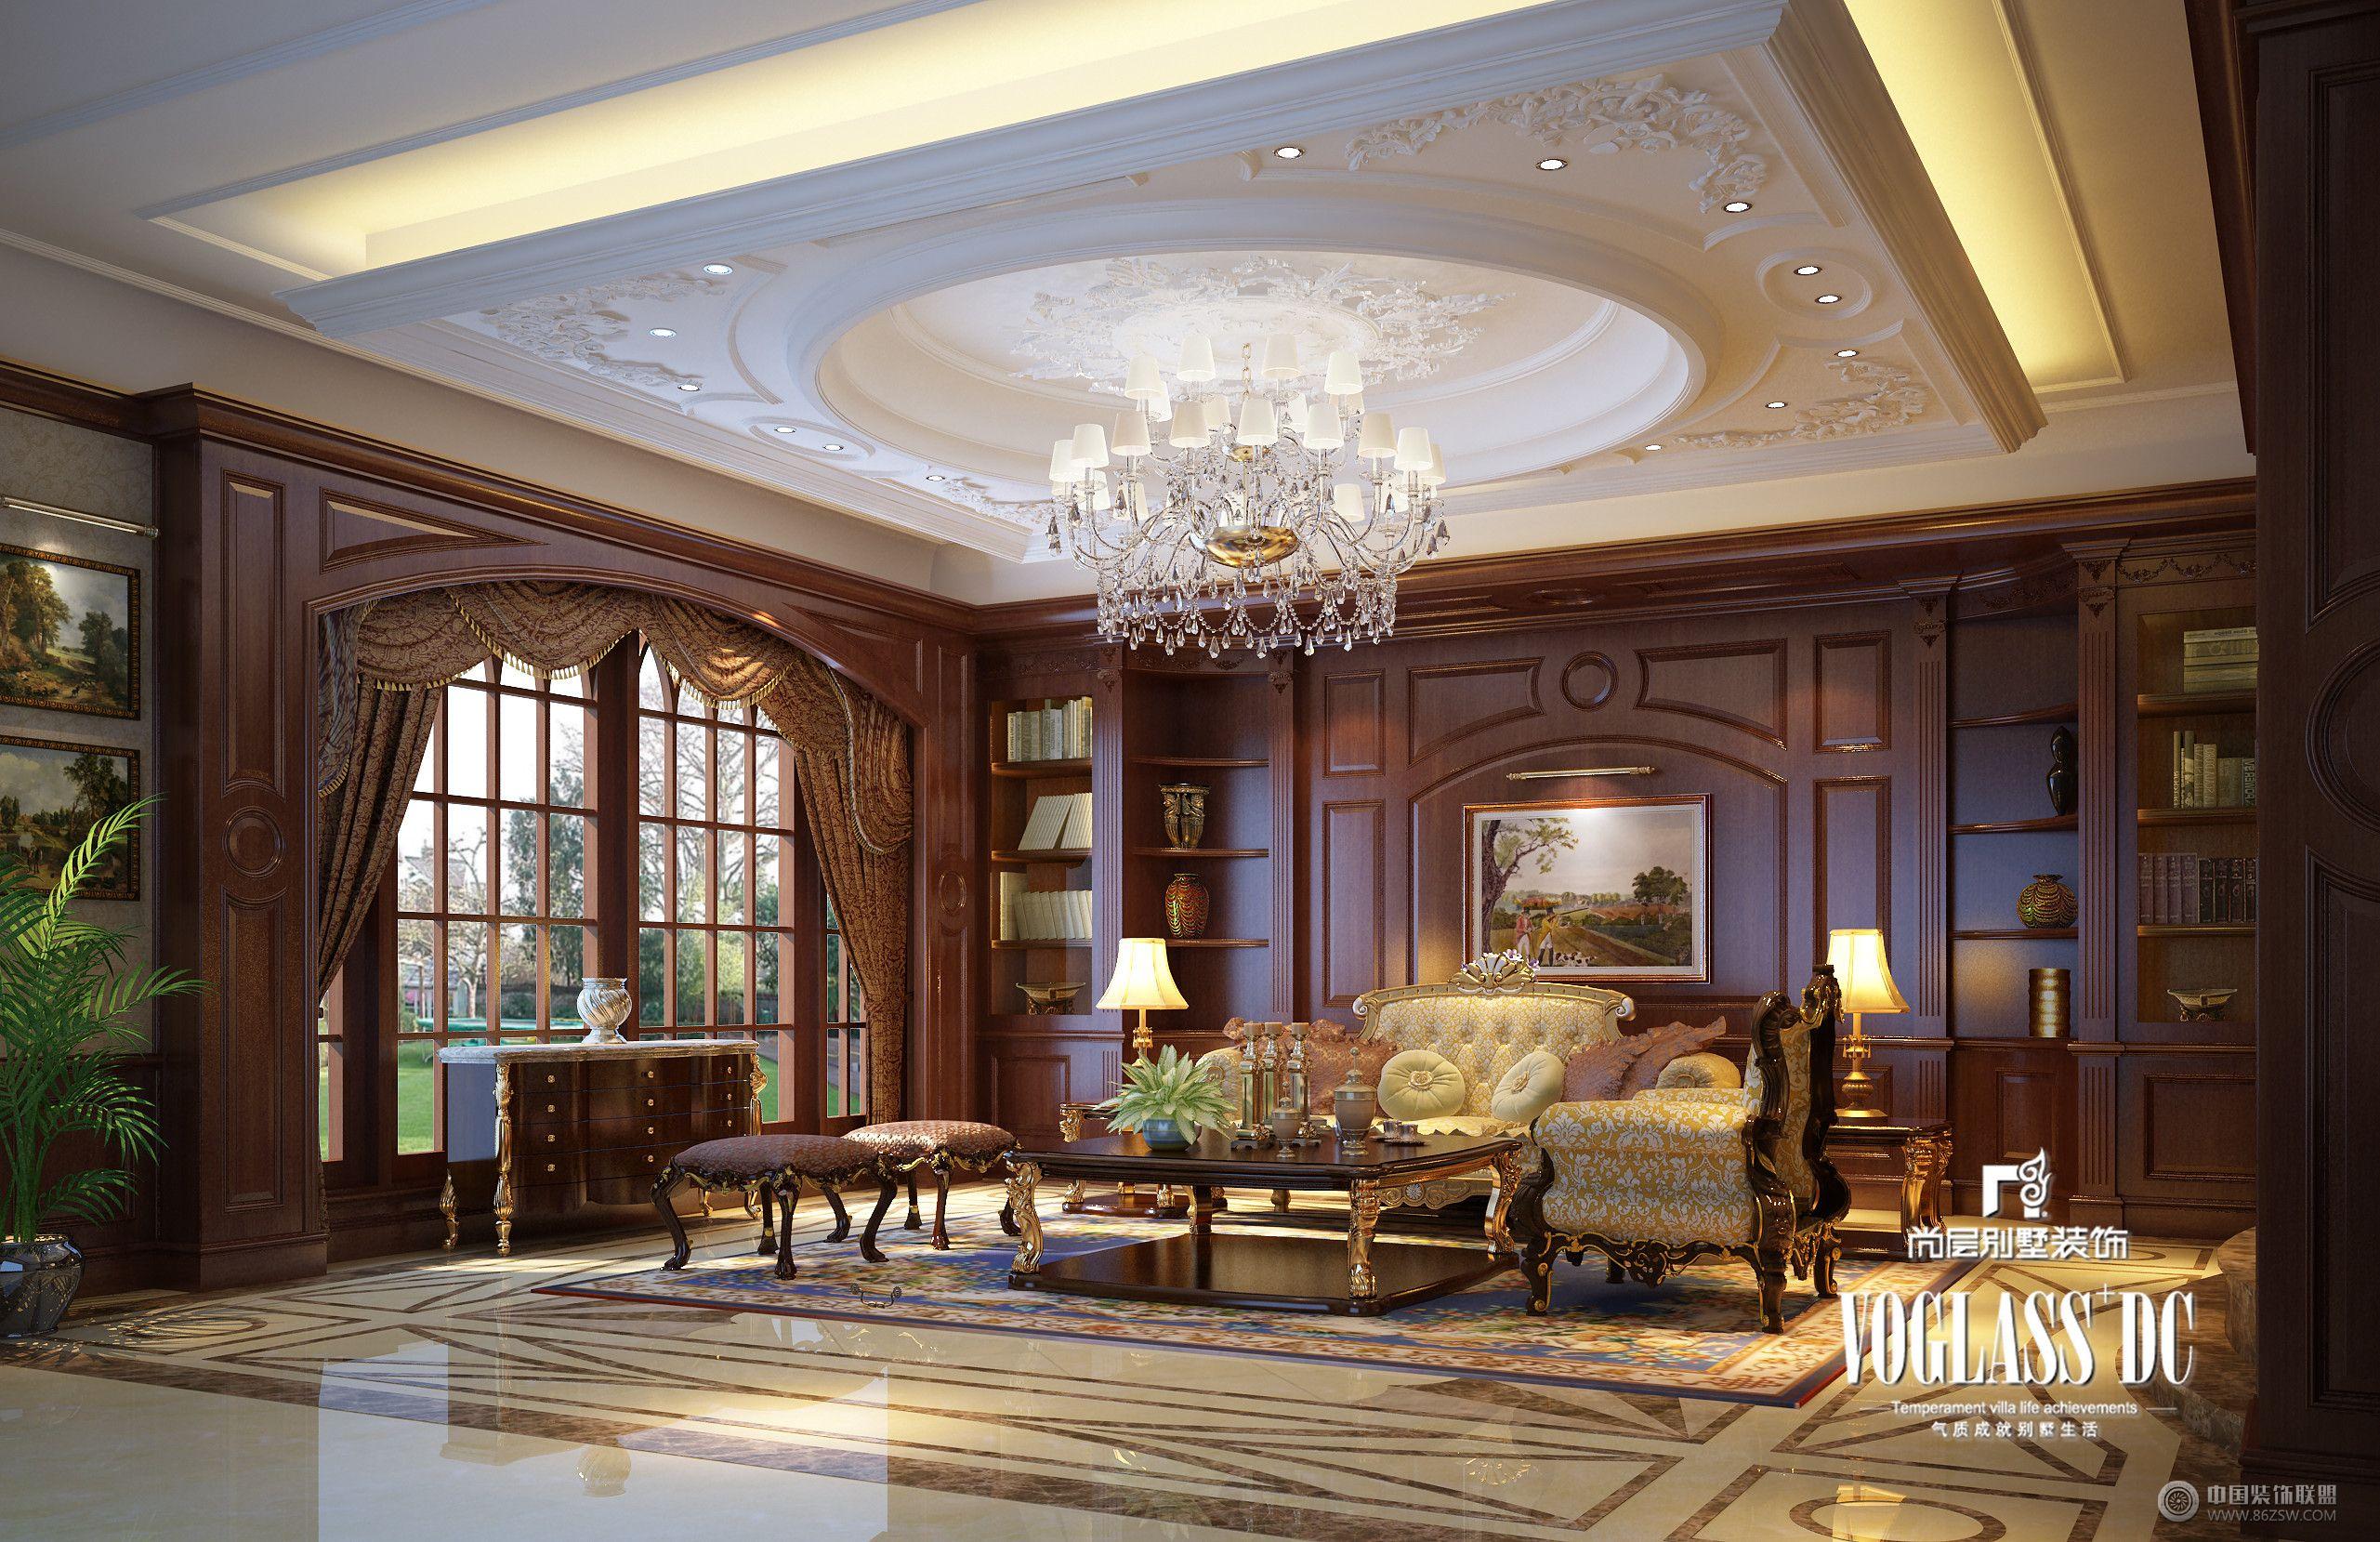 成都尚層裝飾別墅裝修暴力198別墅美式風格案例欣賞-玄關裝修圖片